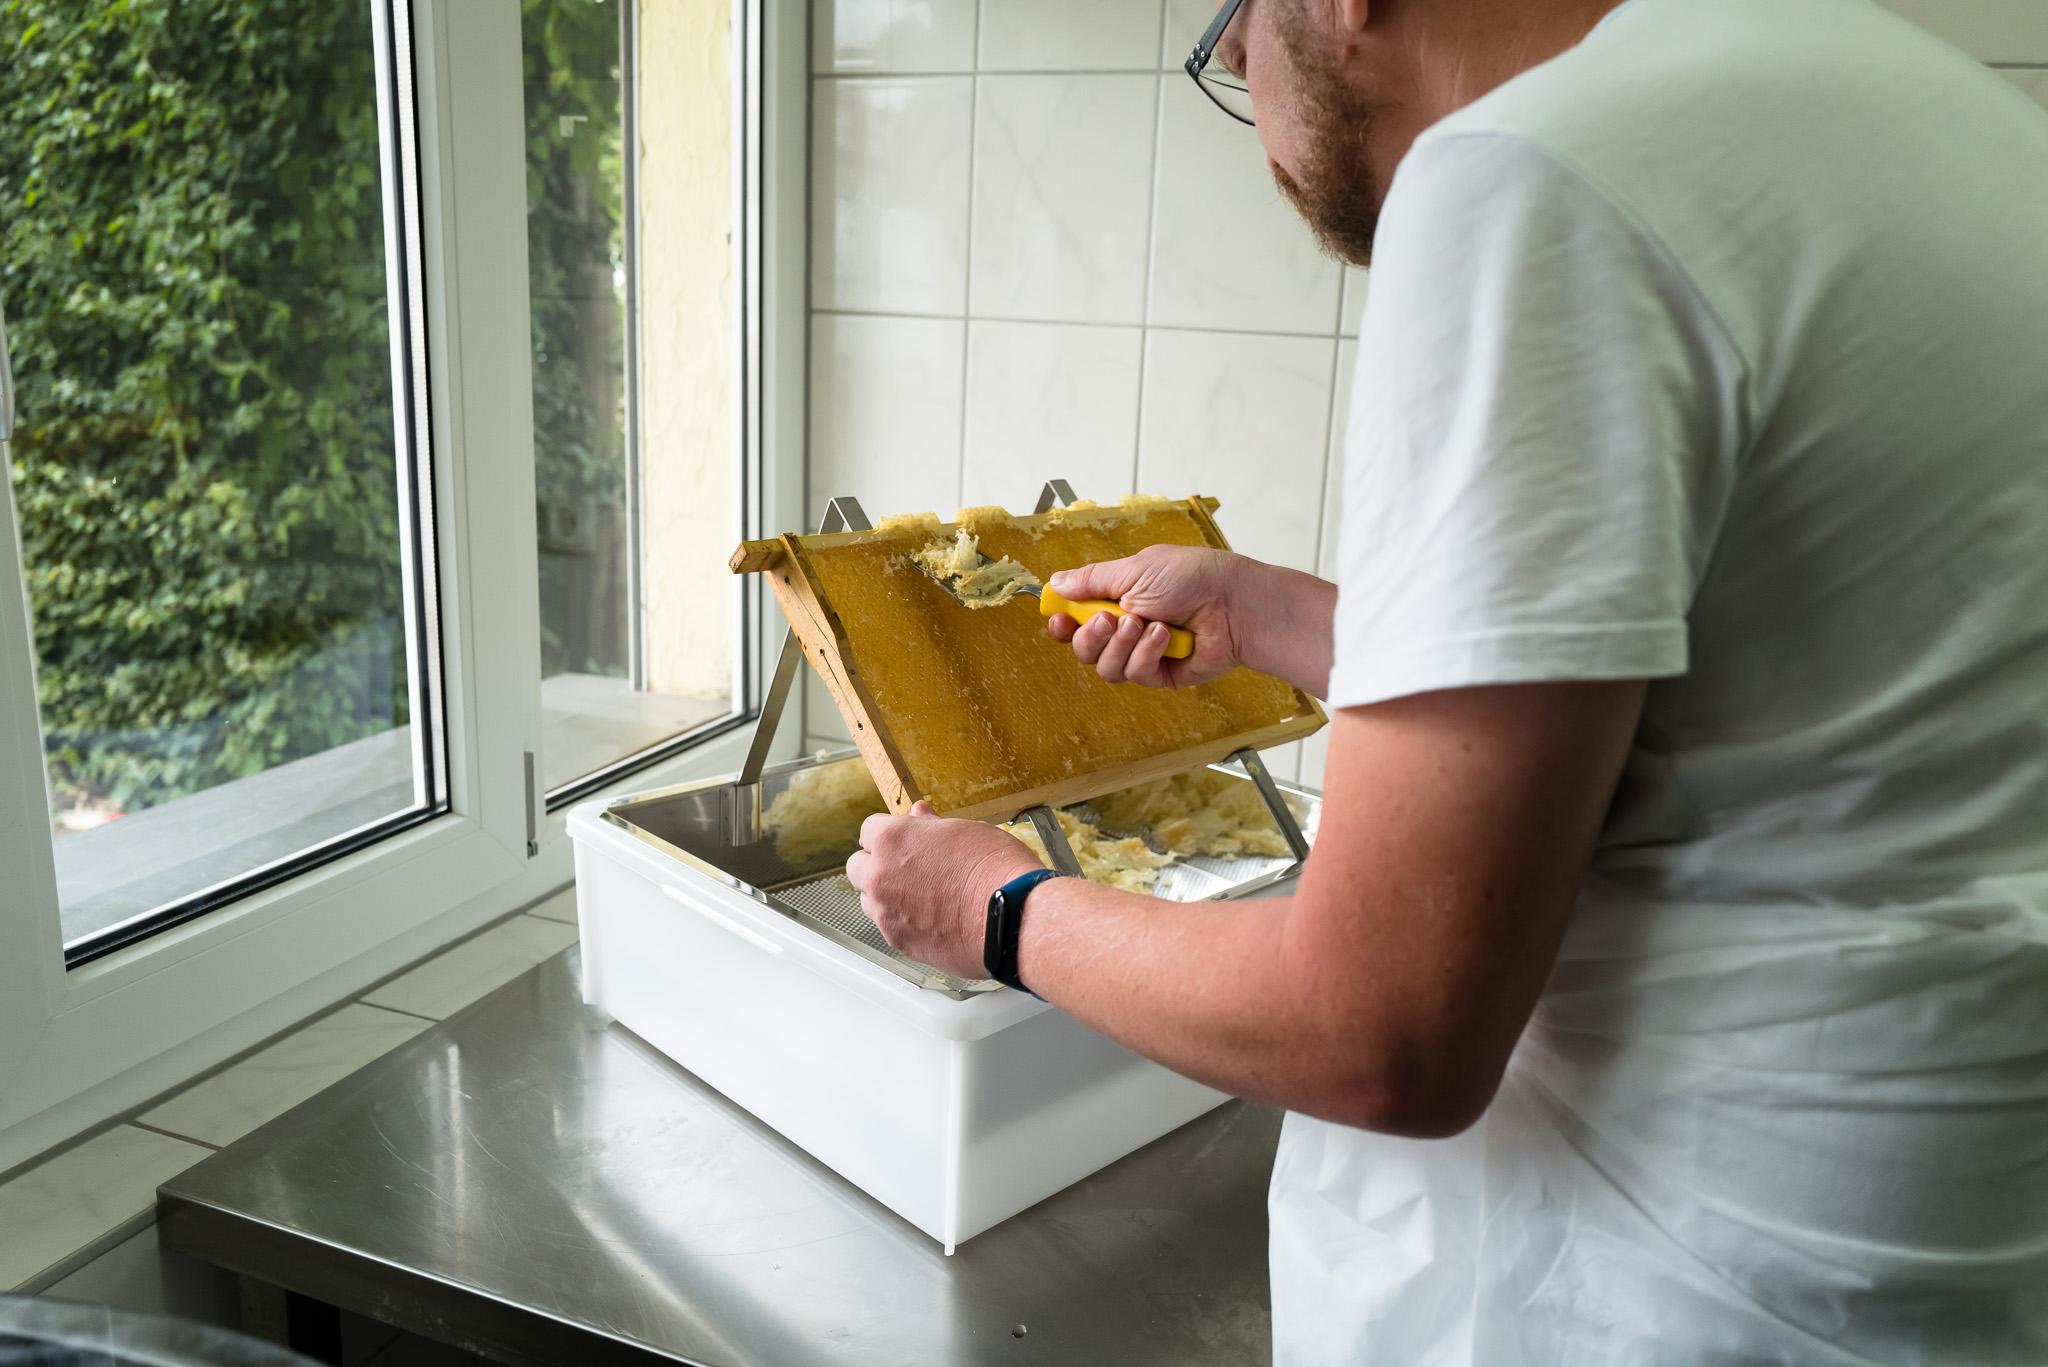 Imker - Entdeckeln der Honigwaben